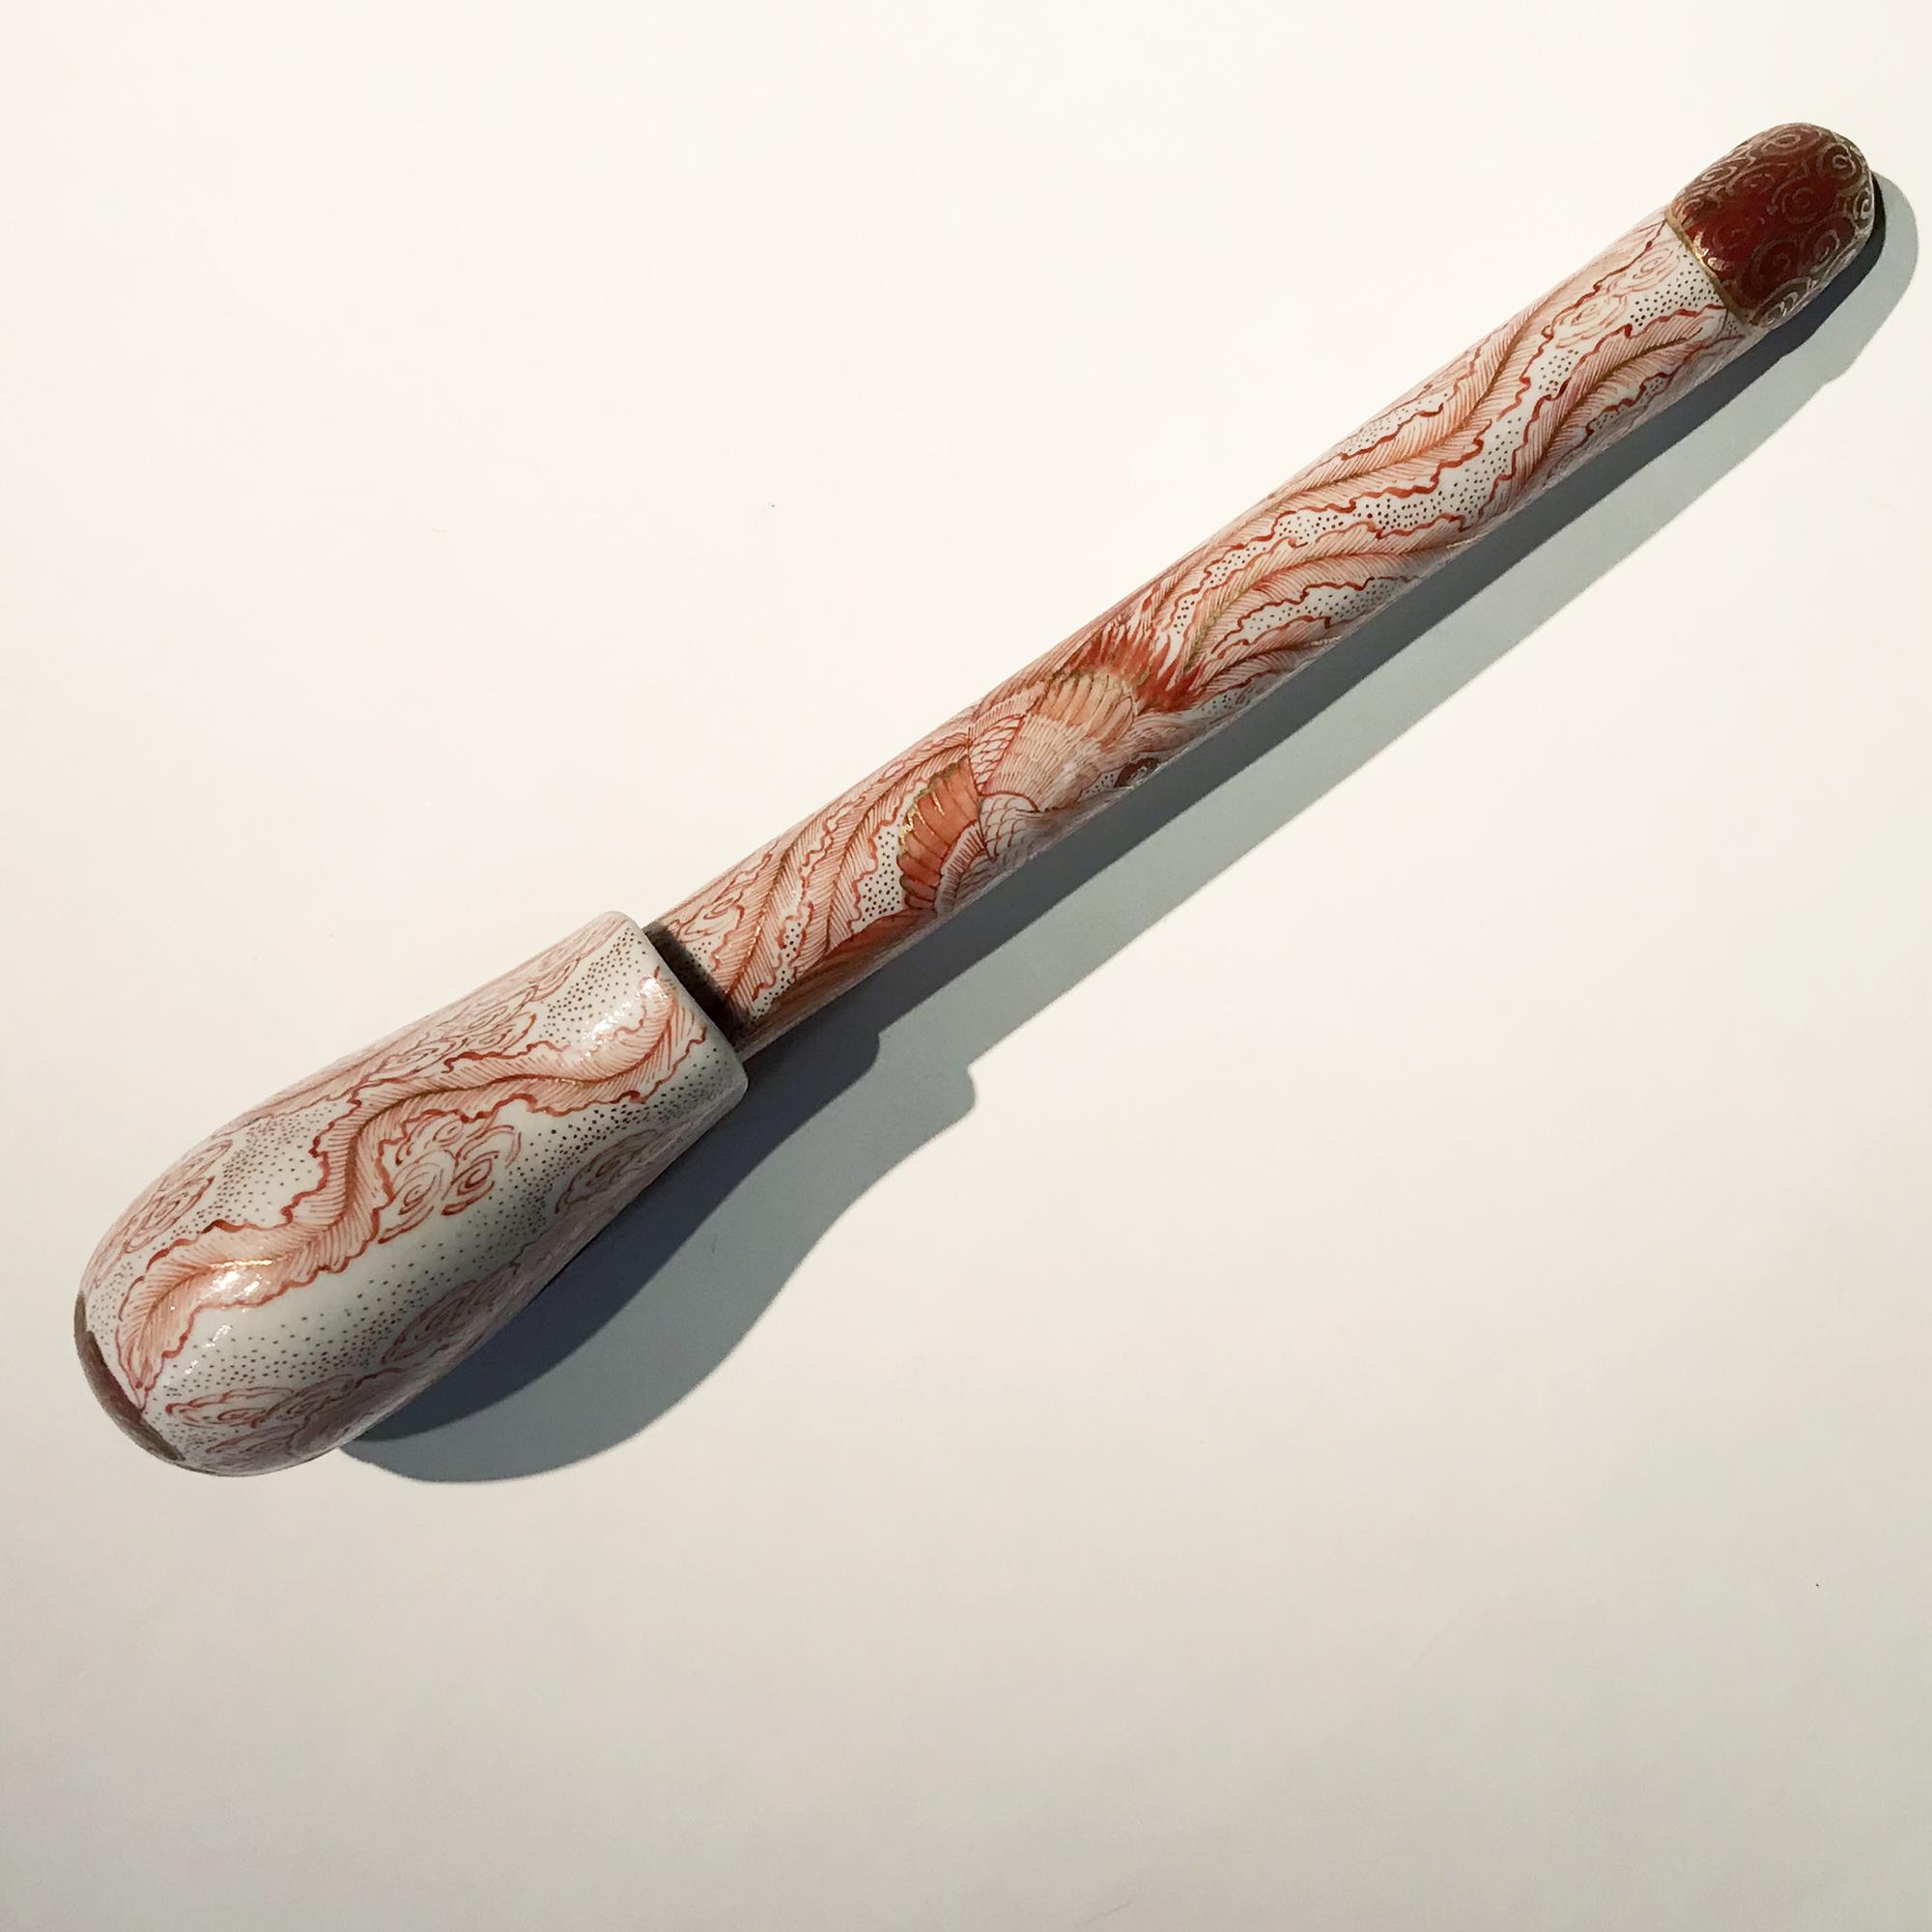 Vendu/Sold Yatate ( encrier portatif) érotique en porcelaine de Kutani, Japon 19e siècle